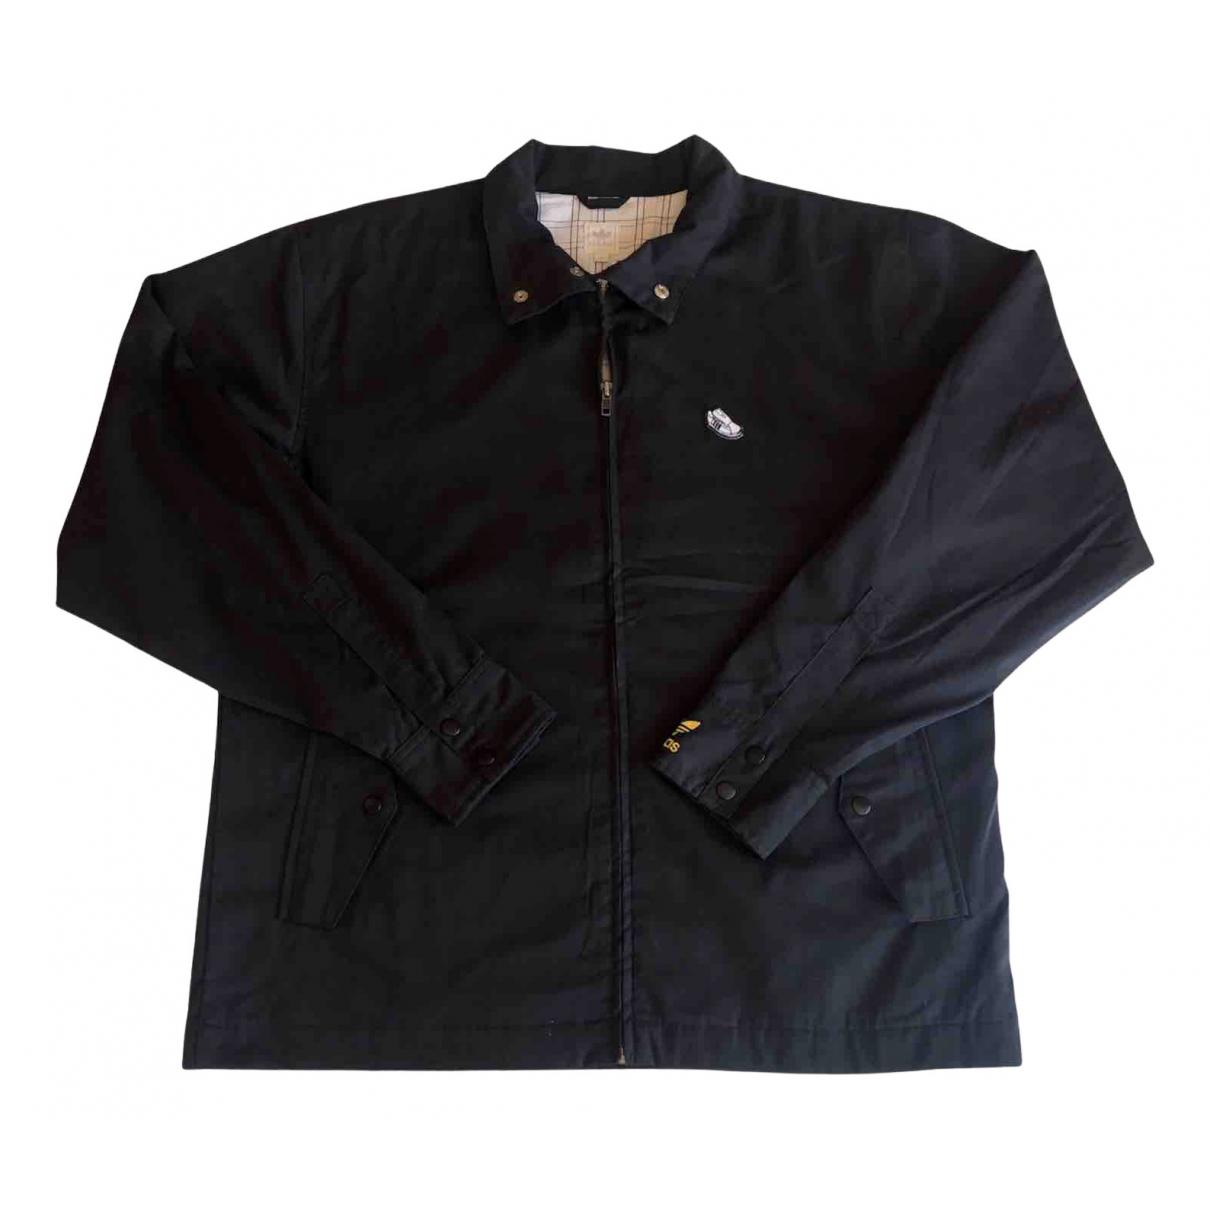 Adidas \N Jacke in  Schwarz Polyester